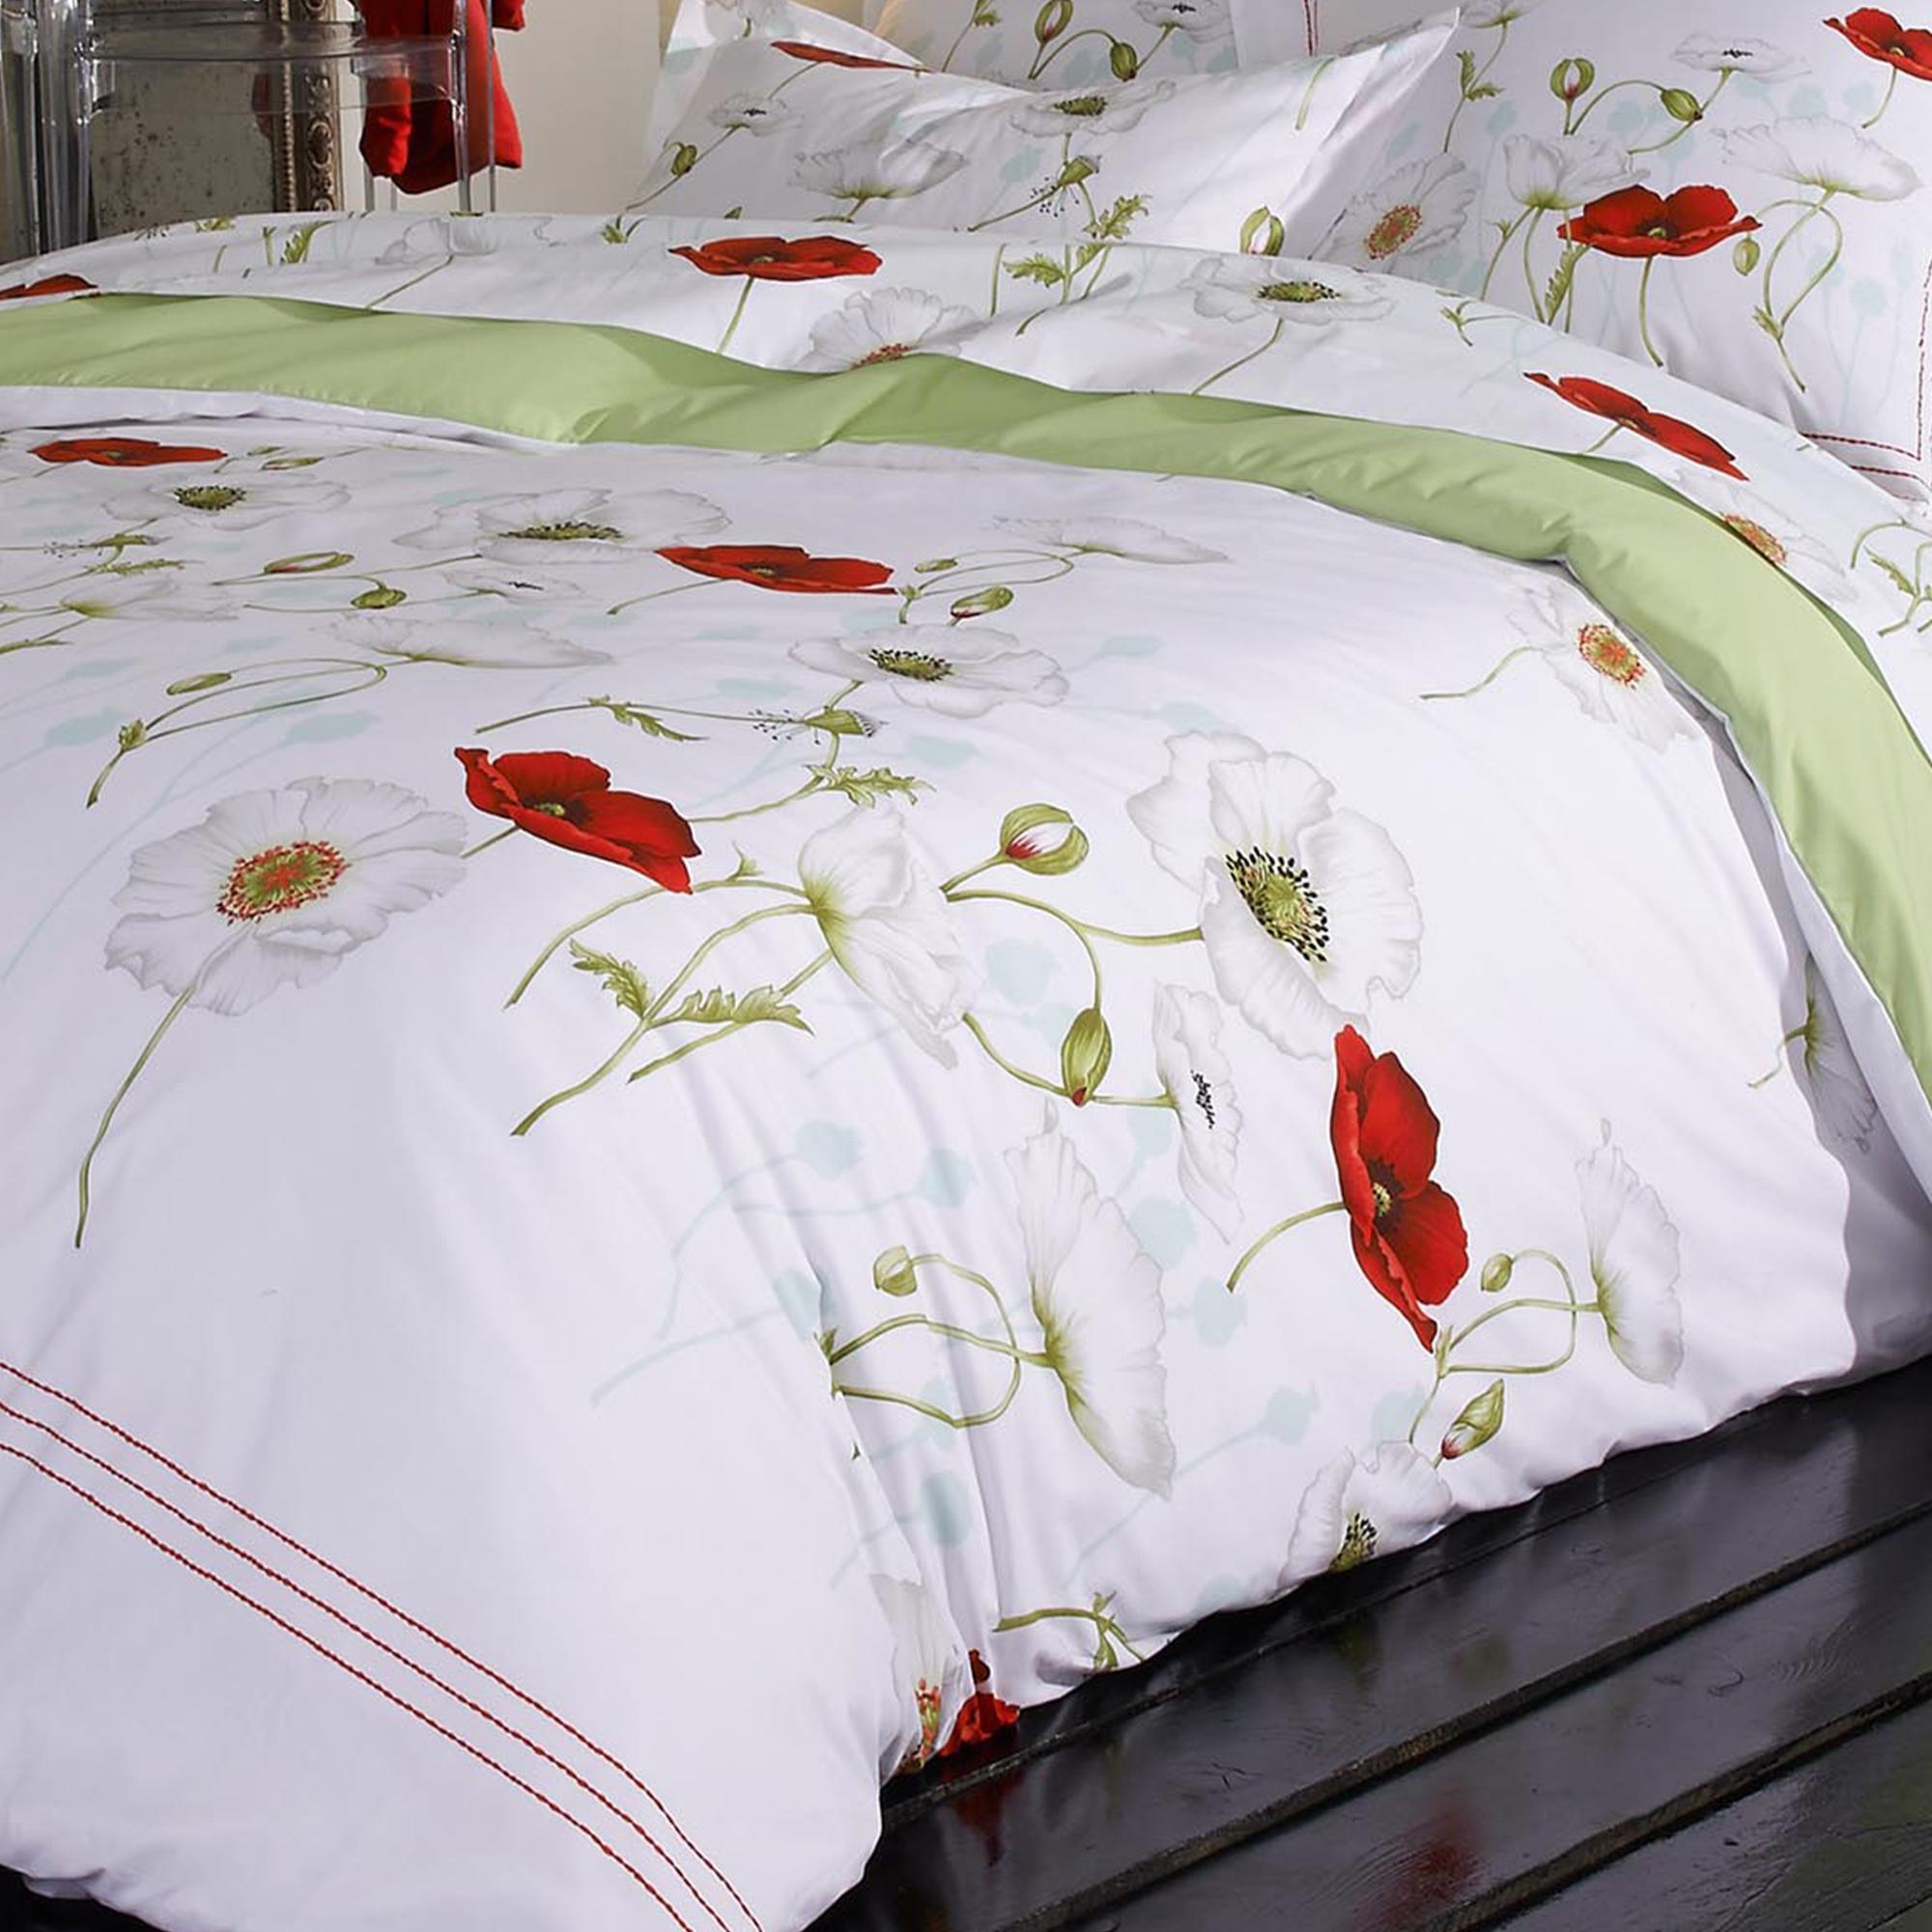 housse de couette percale pur coton peign 300x240 cm seduction linnea linge de maison et. Black Bedroom Furniture Sets. Home Design Ideas